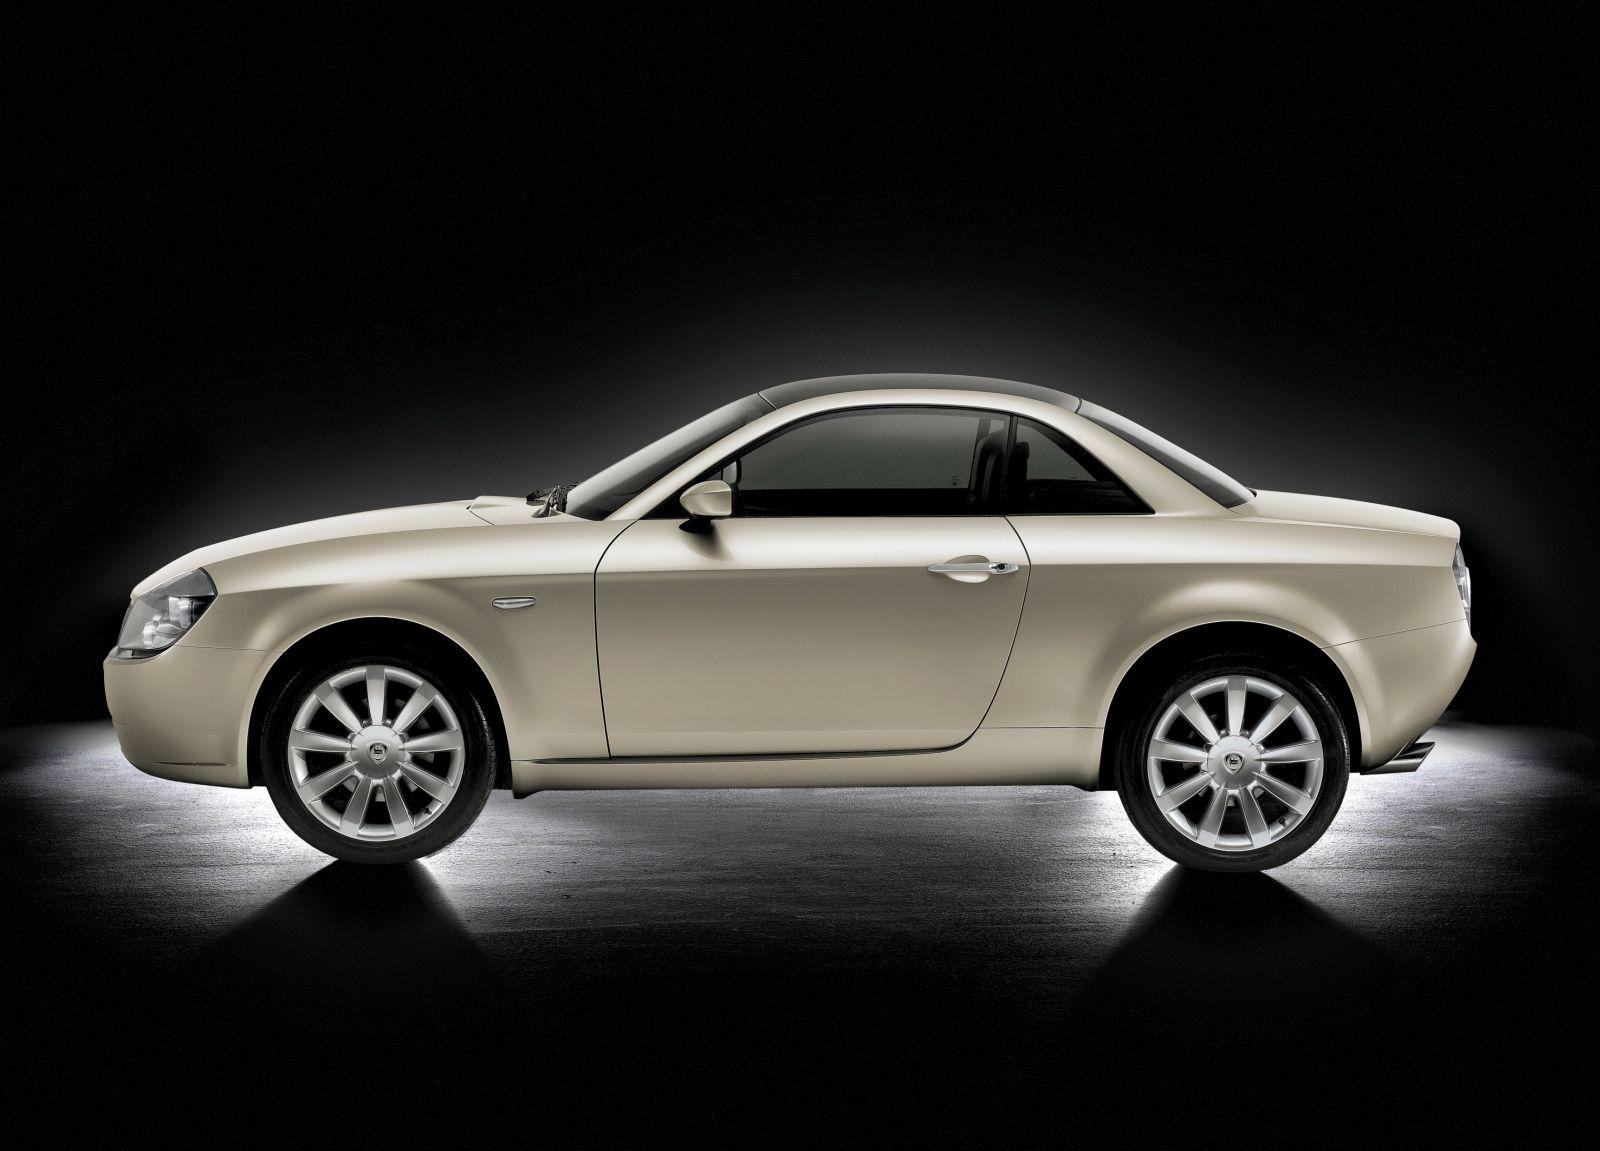 Lancia Fulvia Concept: diventerà realtà grazie a Stellantis?